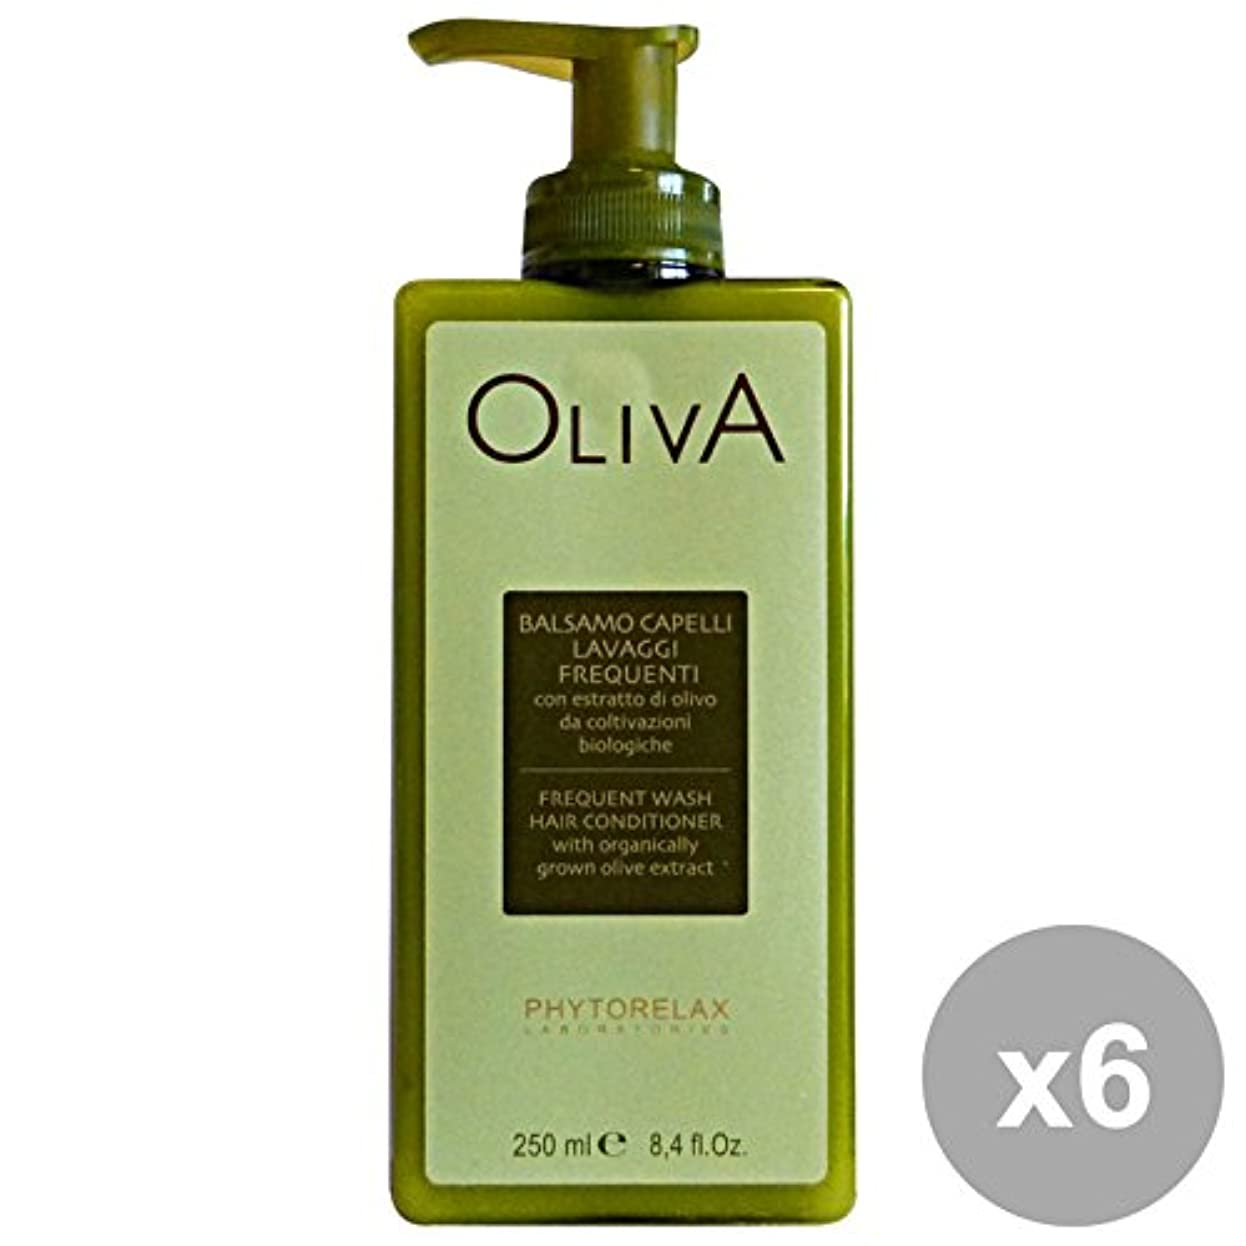 草請負業者アカデミー6ファイトレラックスオリーブバームウォッシュを洗う頻度250 ML。髪のための製品